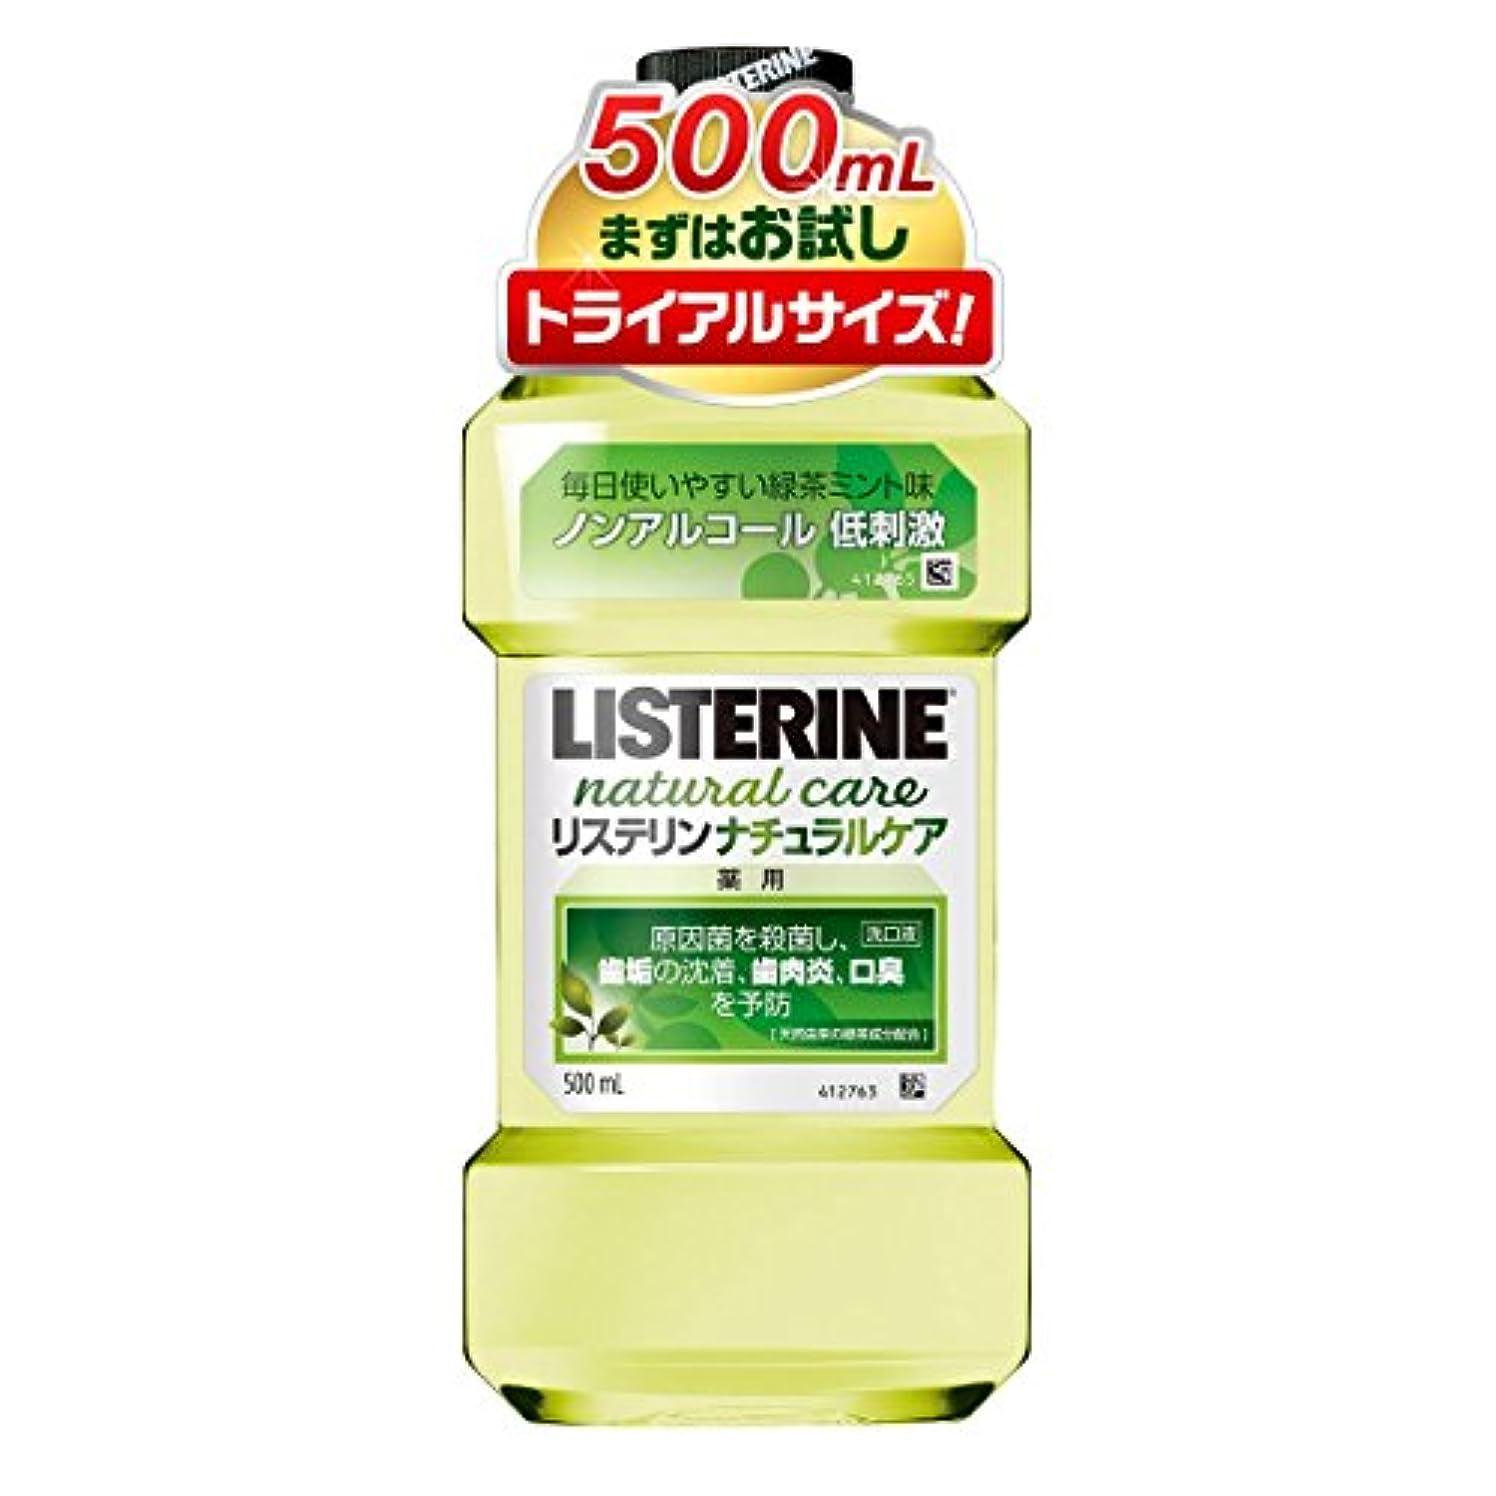 病な話法令[医薬部外品] 薬用 リステリン マウスウォッシュ ナチュラルケア 500mL ノンアルコールタイプ